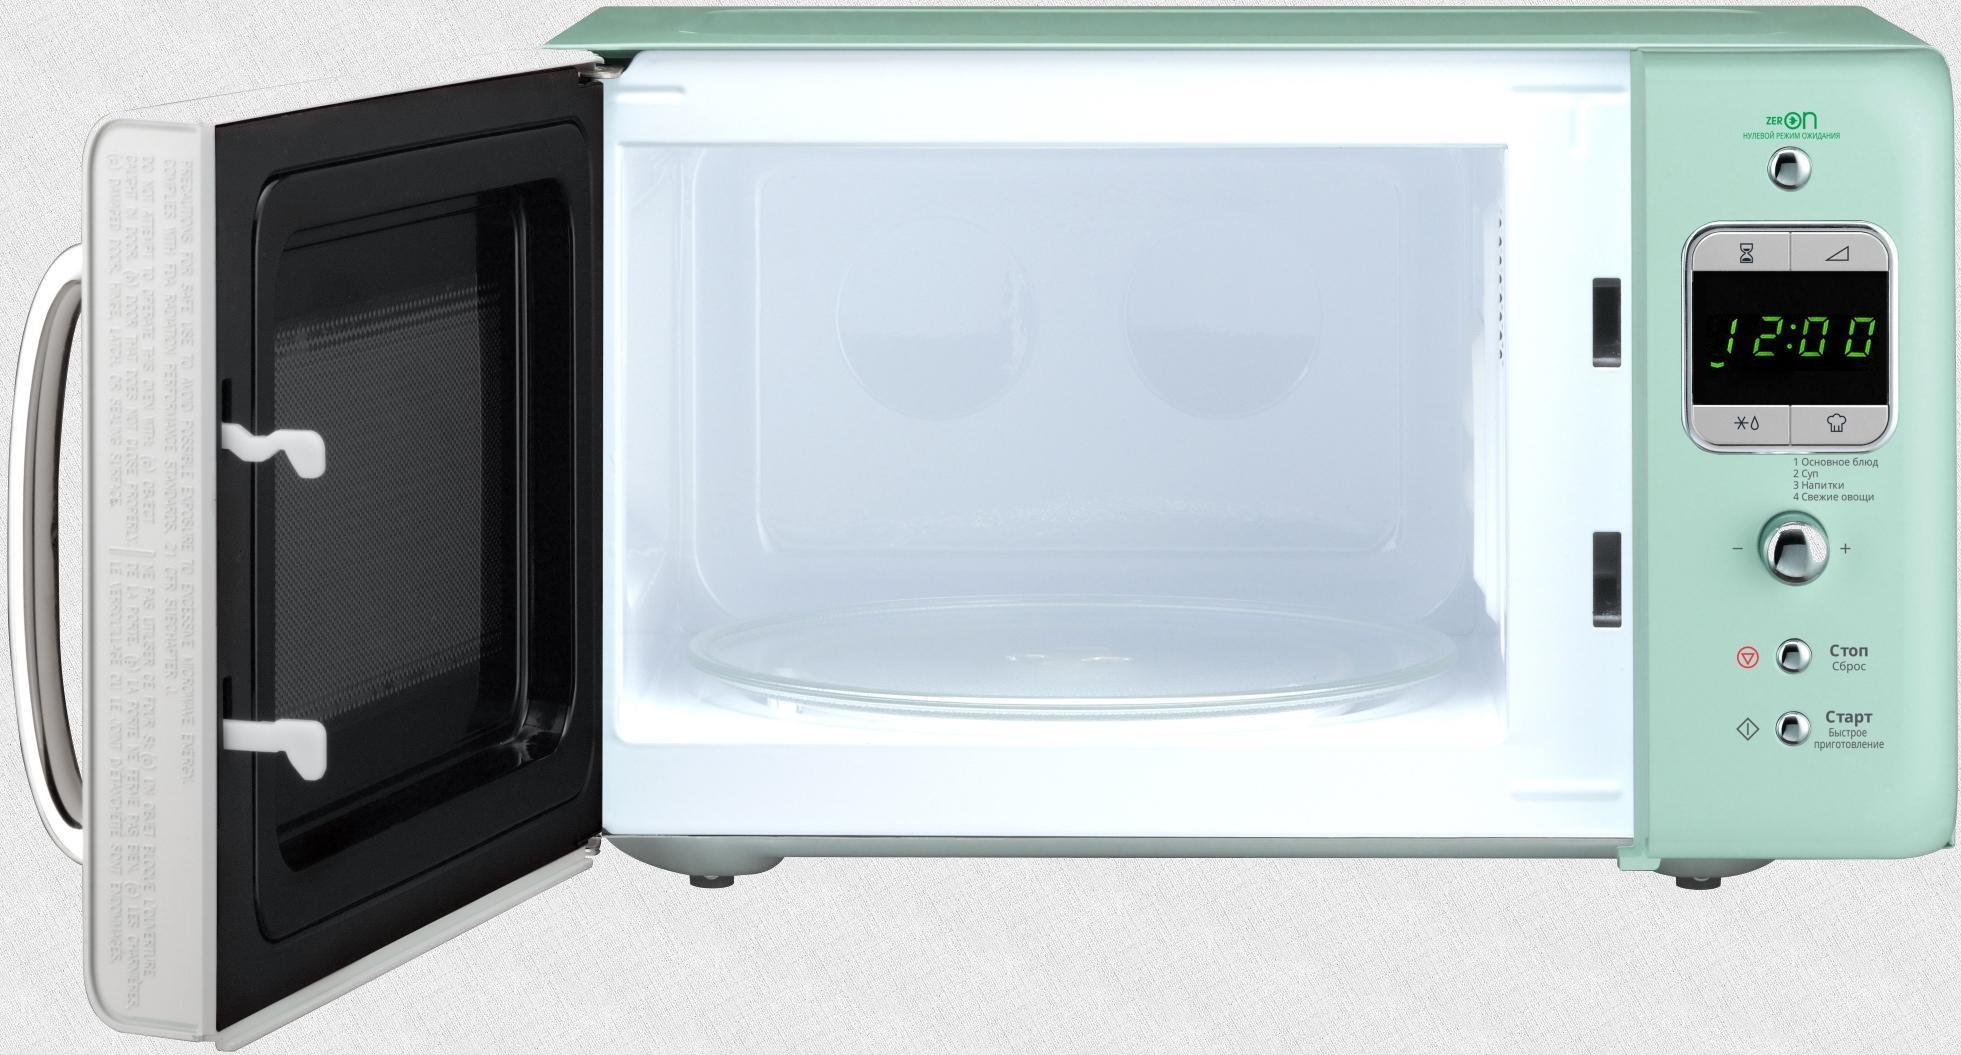 выбрать Daewoo Electronics KOR-6LBRWM